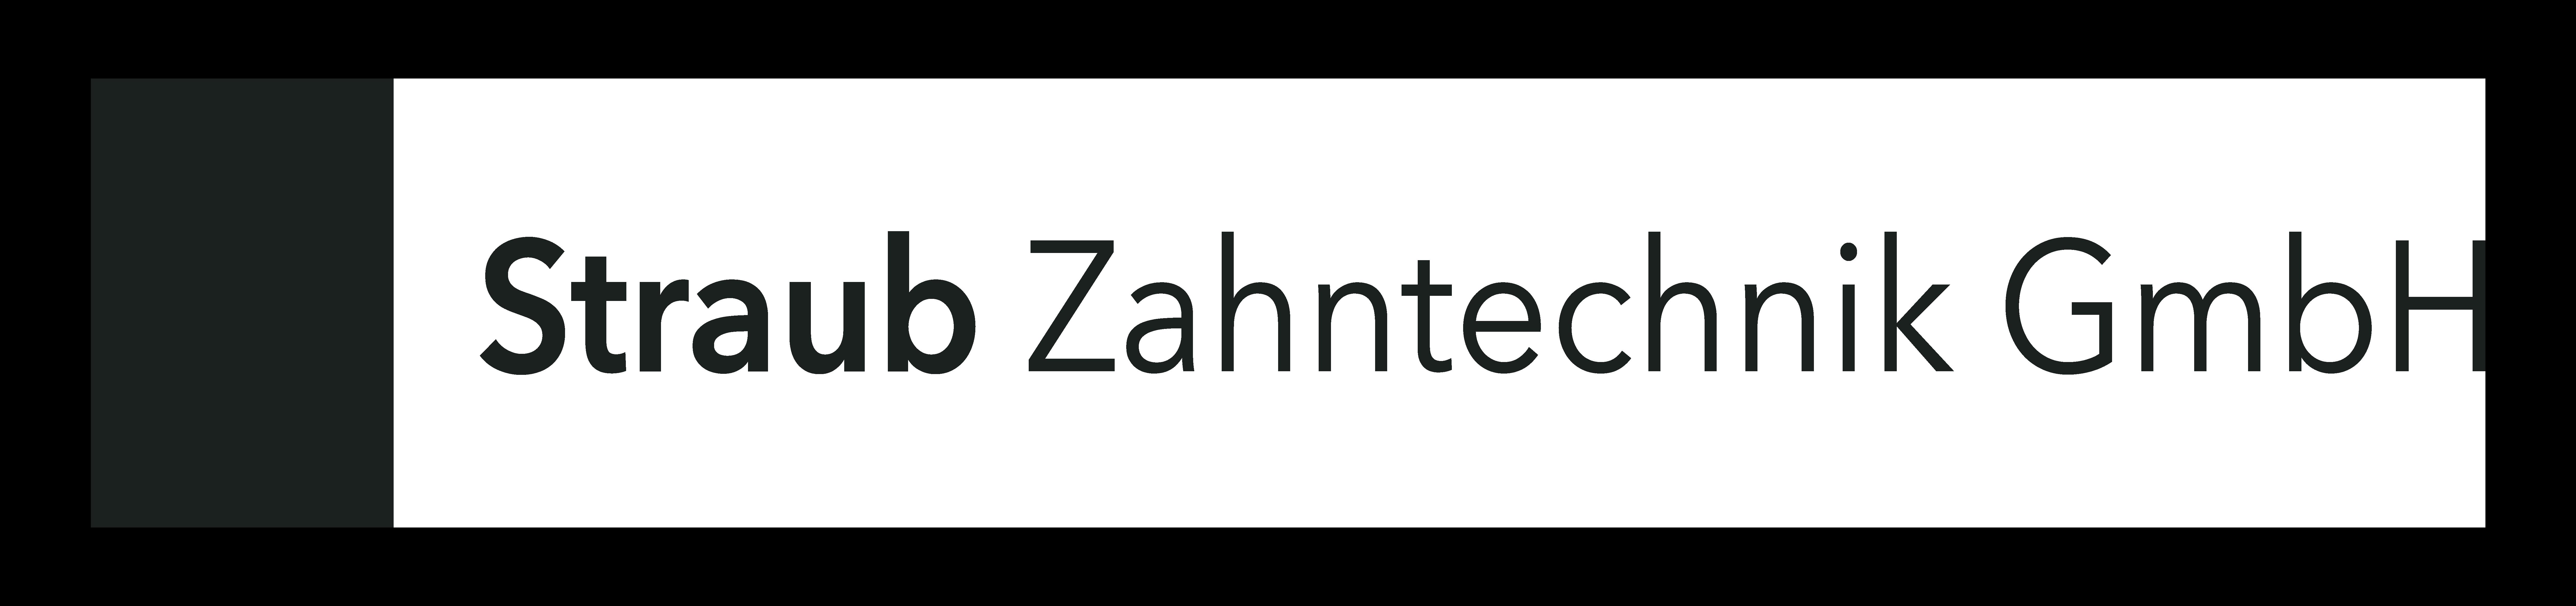 Straub Zahntechnik GmbH | Logo